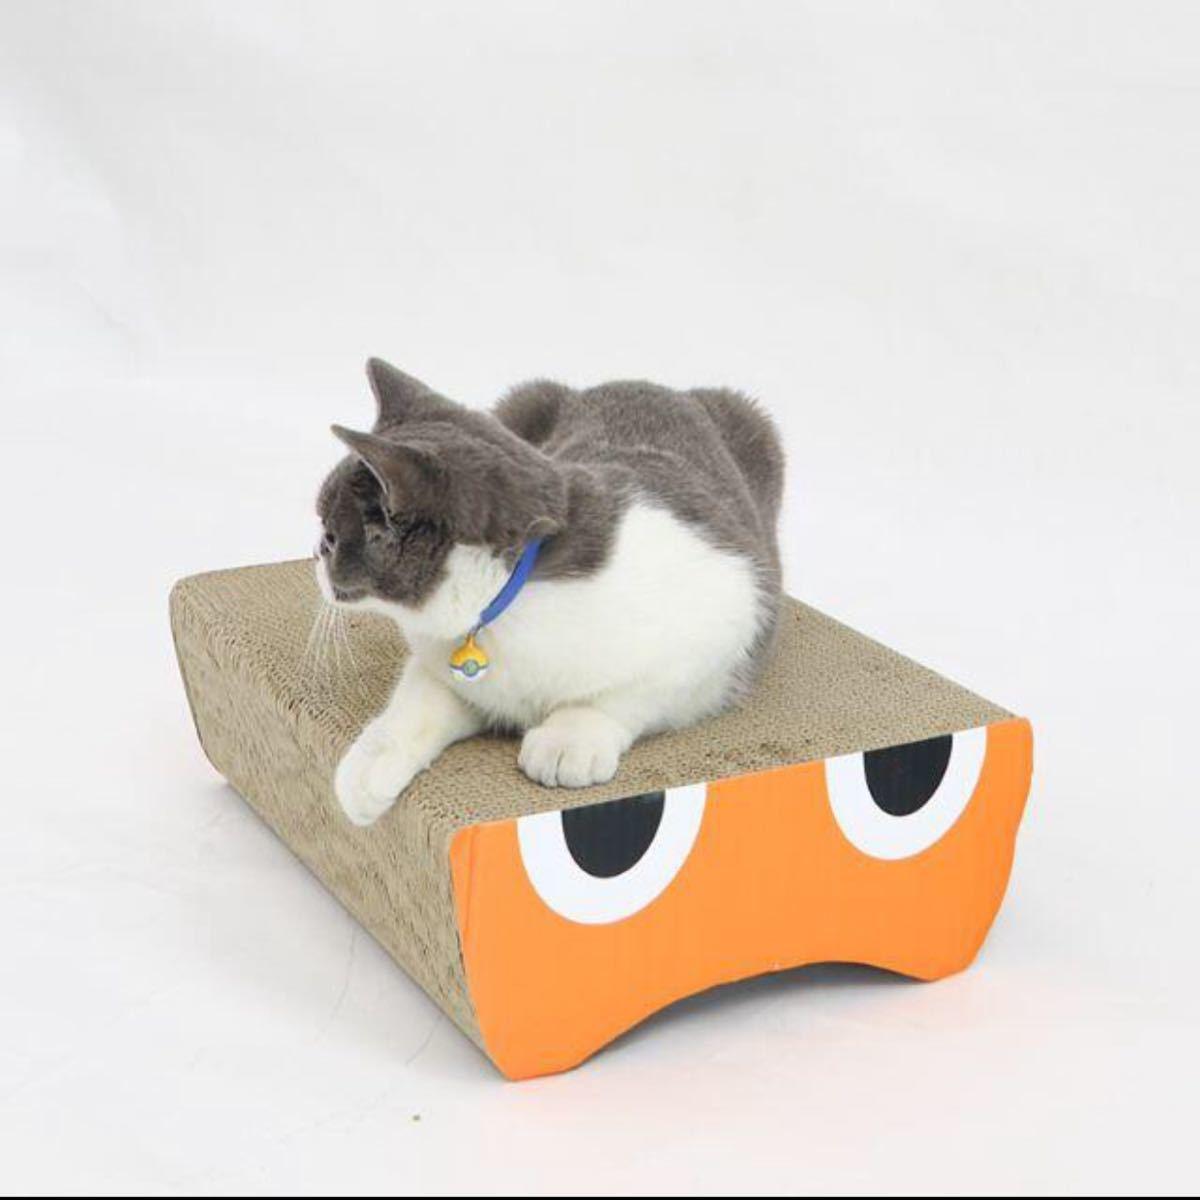 猫目線 猫爪とぎ 爪とぎ リニューアル猫顔型 分解可能